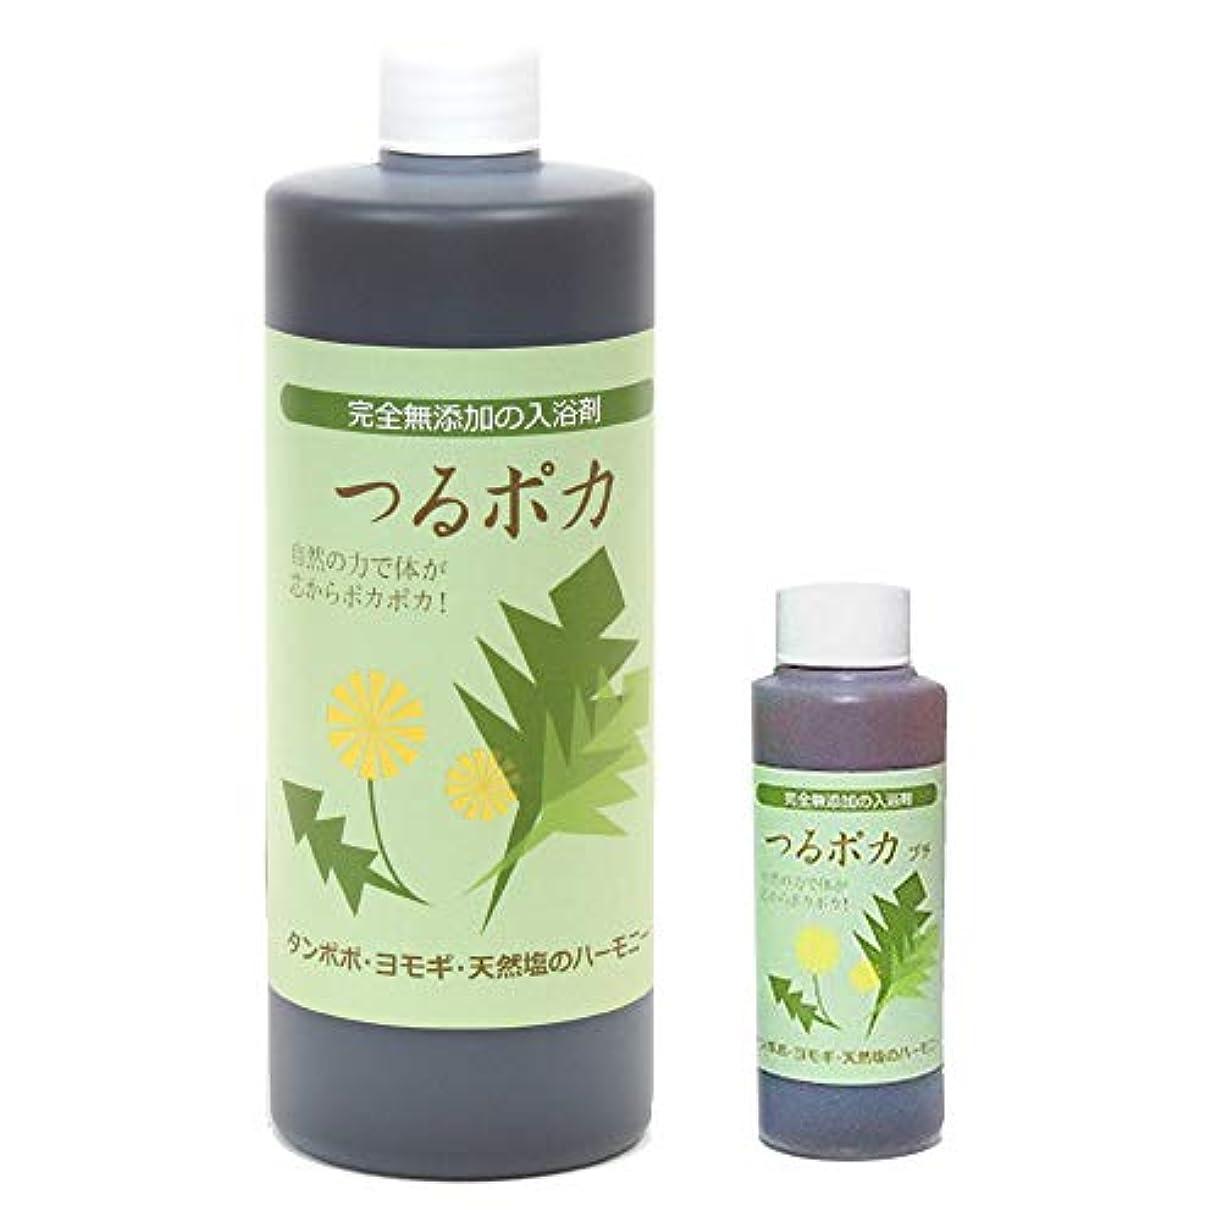 安定代わりの一般的に言えばつるポカ入浴剤 500ml+60ml おまけ (ばんのう酵母くん姉妹商品)